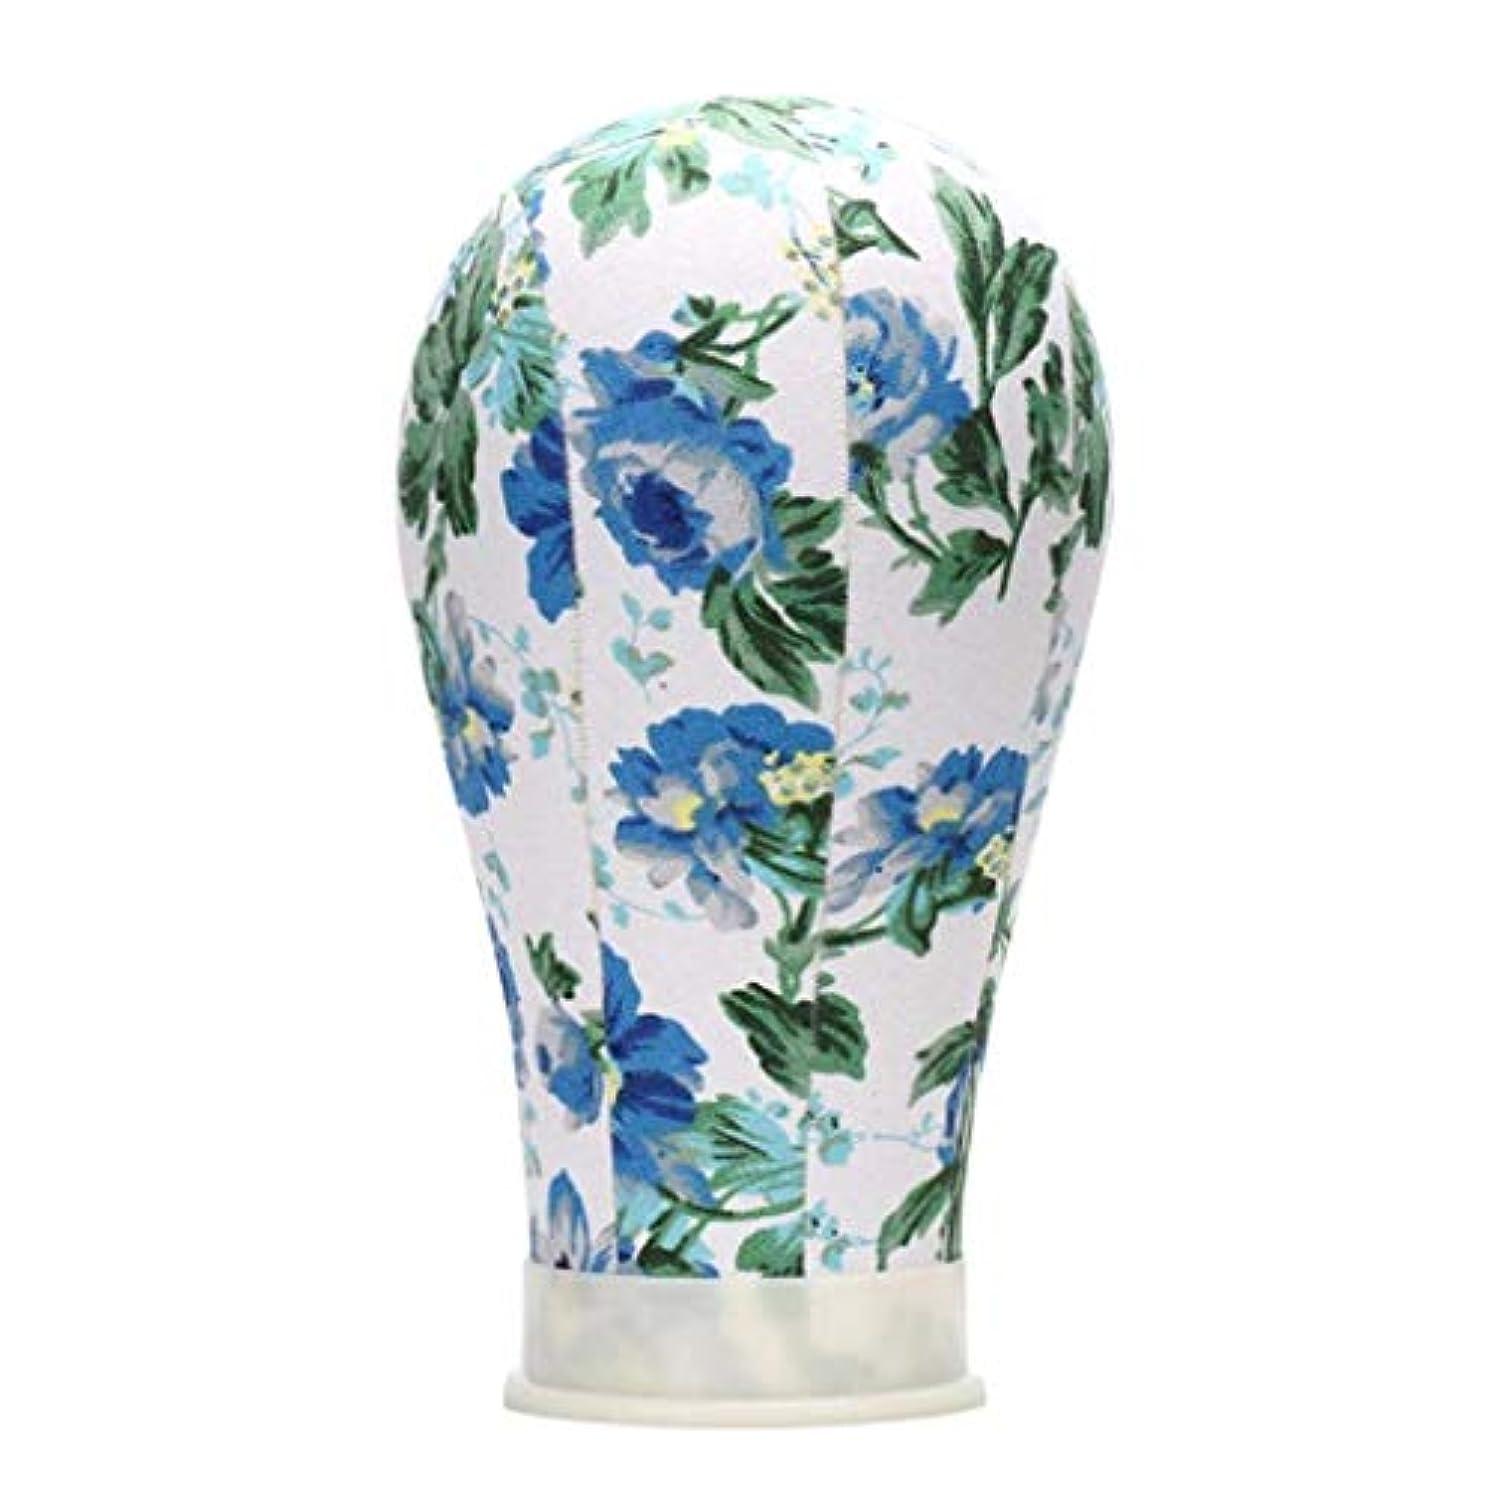 秘密ので葉を集めるToygogo トルソー 頭 マネキンヘッド マネキンスタンド マネキン頭 ウィッグマネキン 帽子ホルダー 全4サイズ - 22インチ